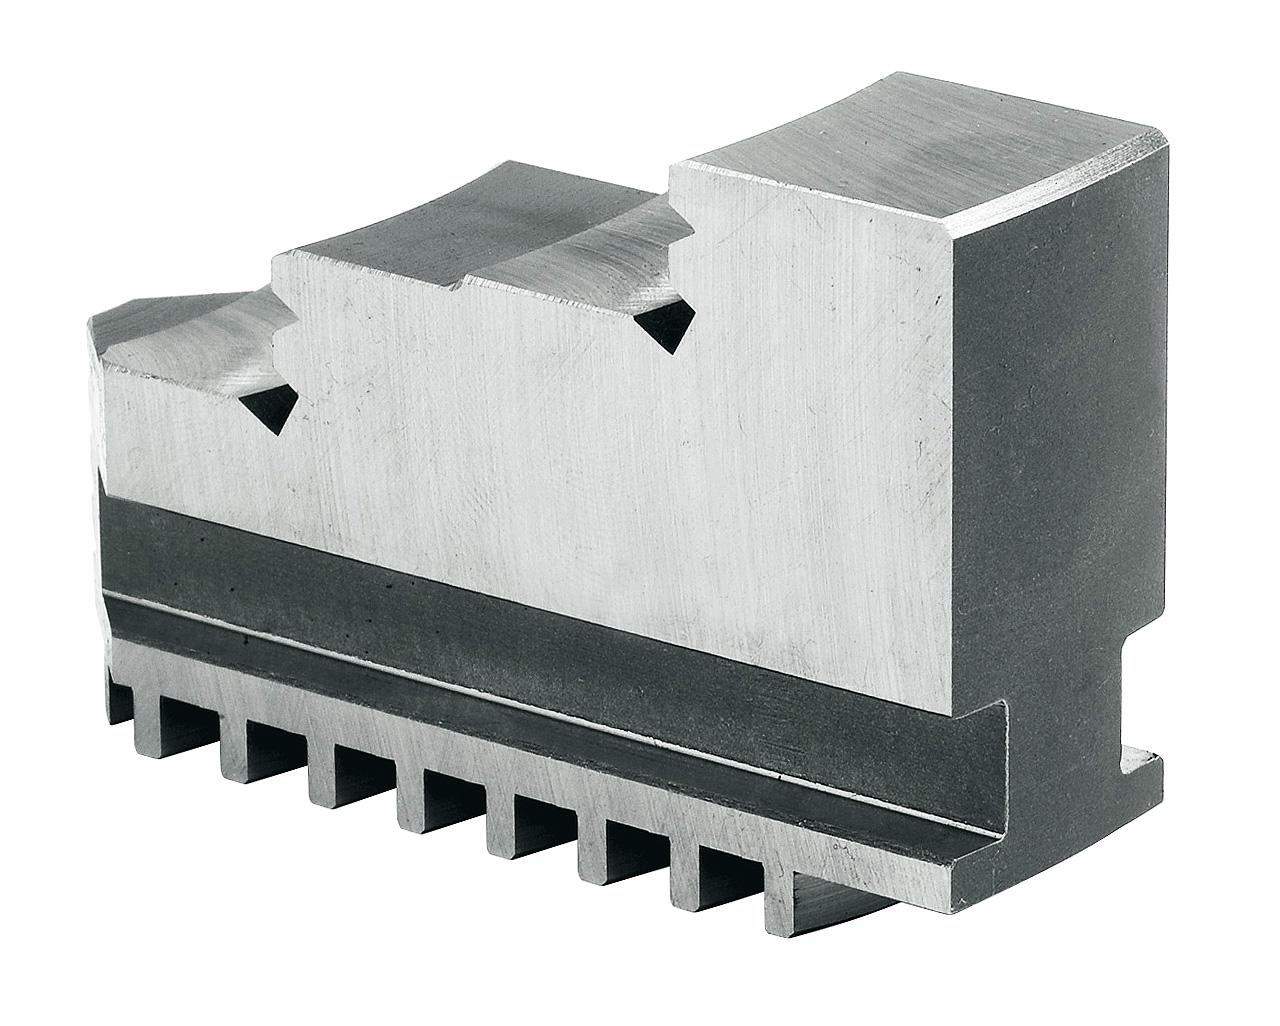 Szczęki jednolite twarde wewnętrzne - komplet DIJ-DK11-250 BERNARDO